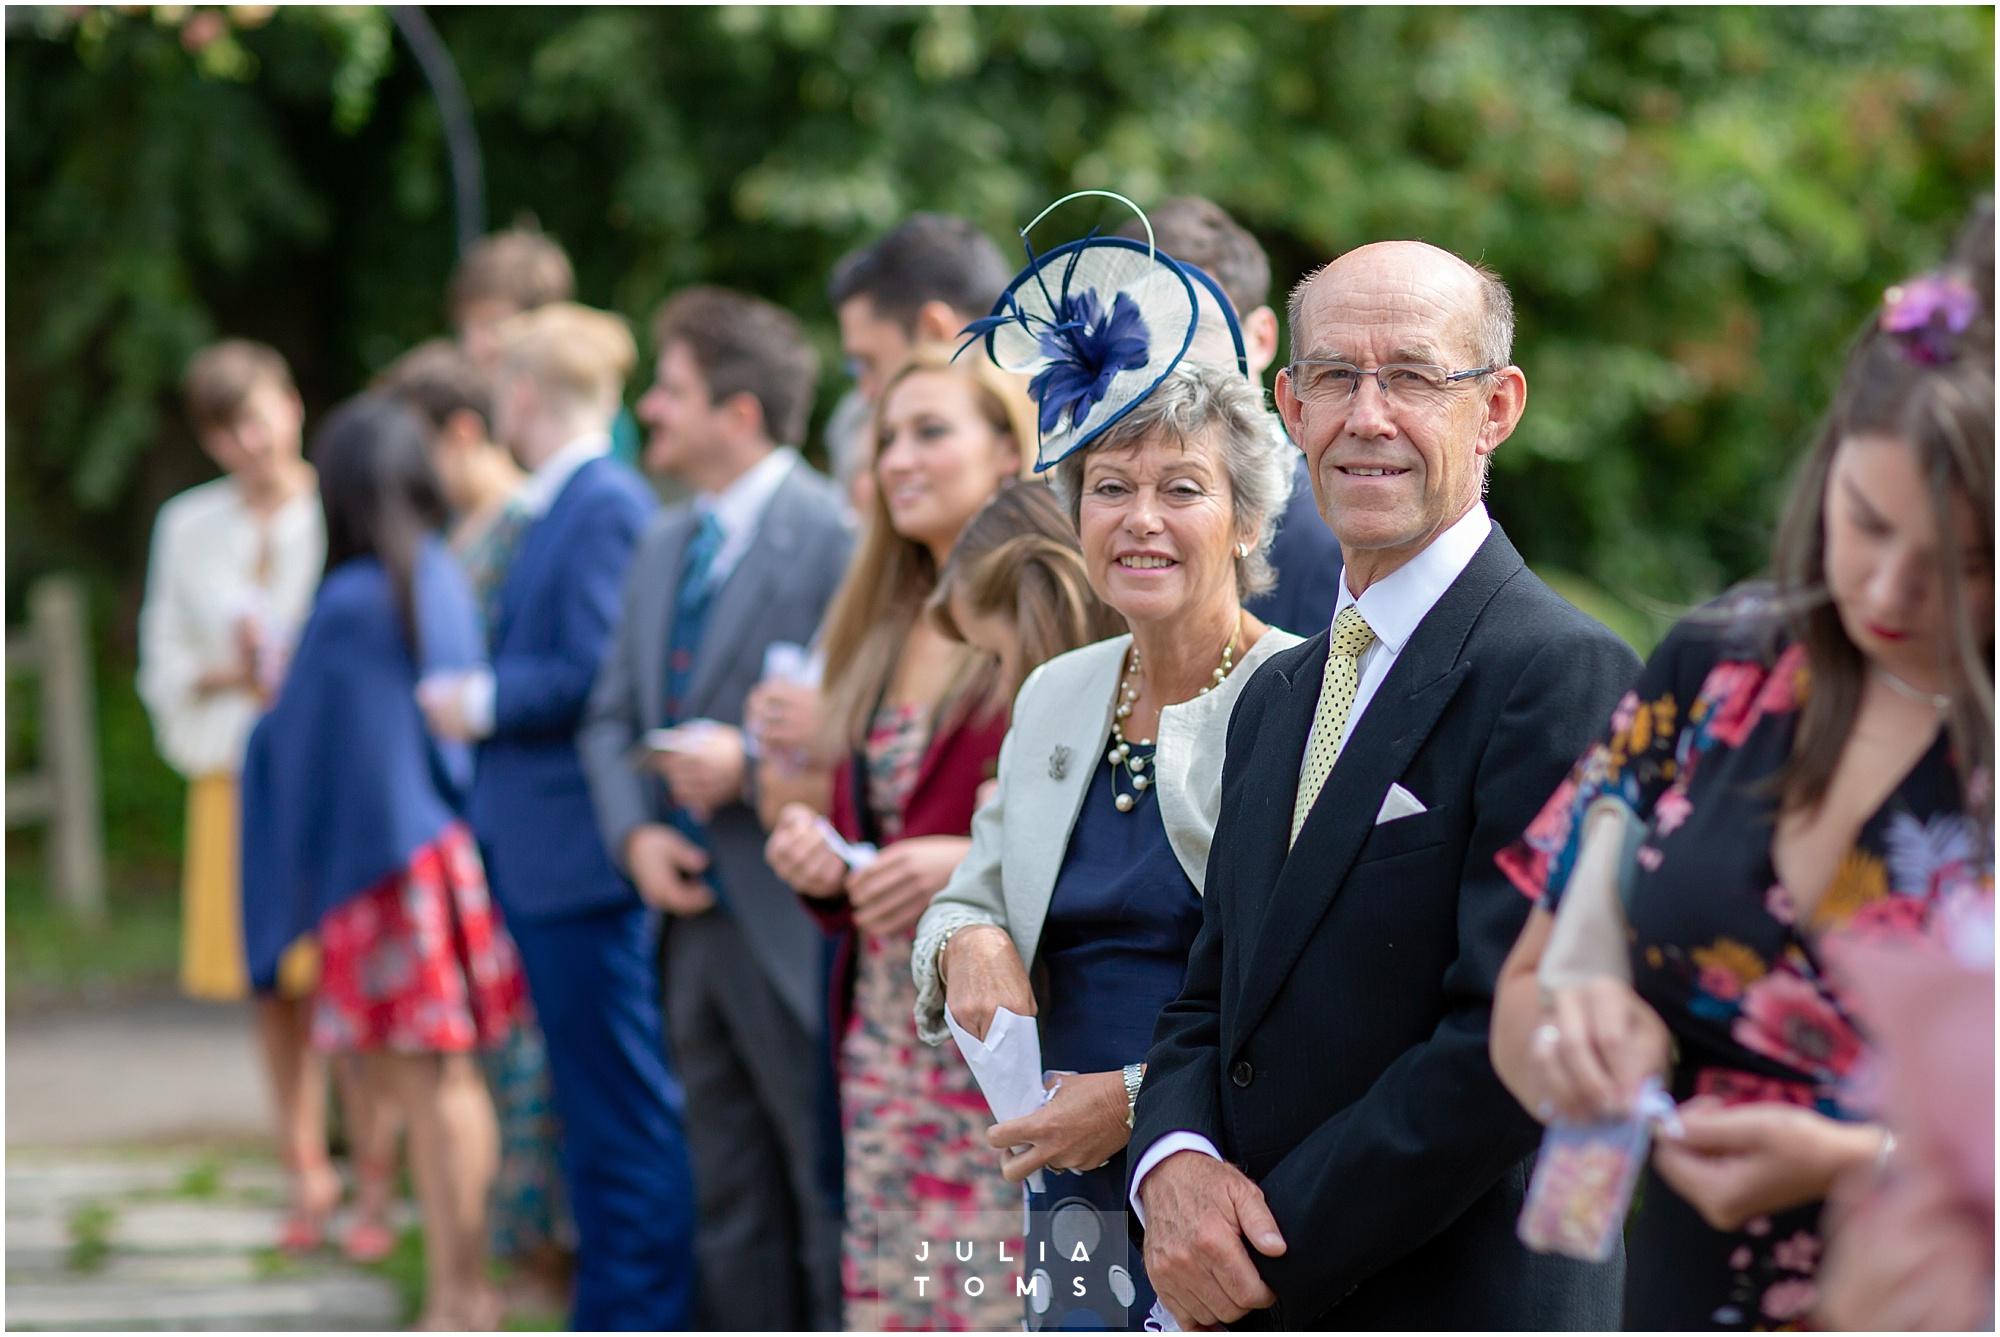 westsussex_wedding_photographer_westdean_065.jpg